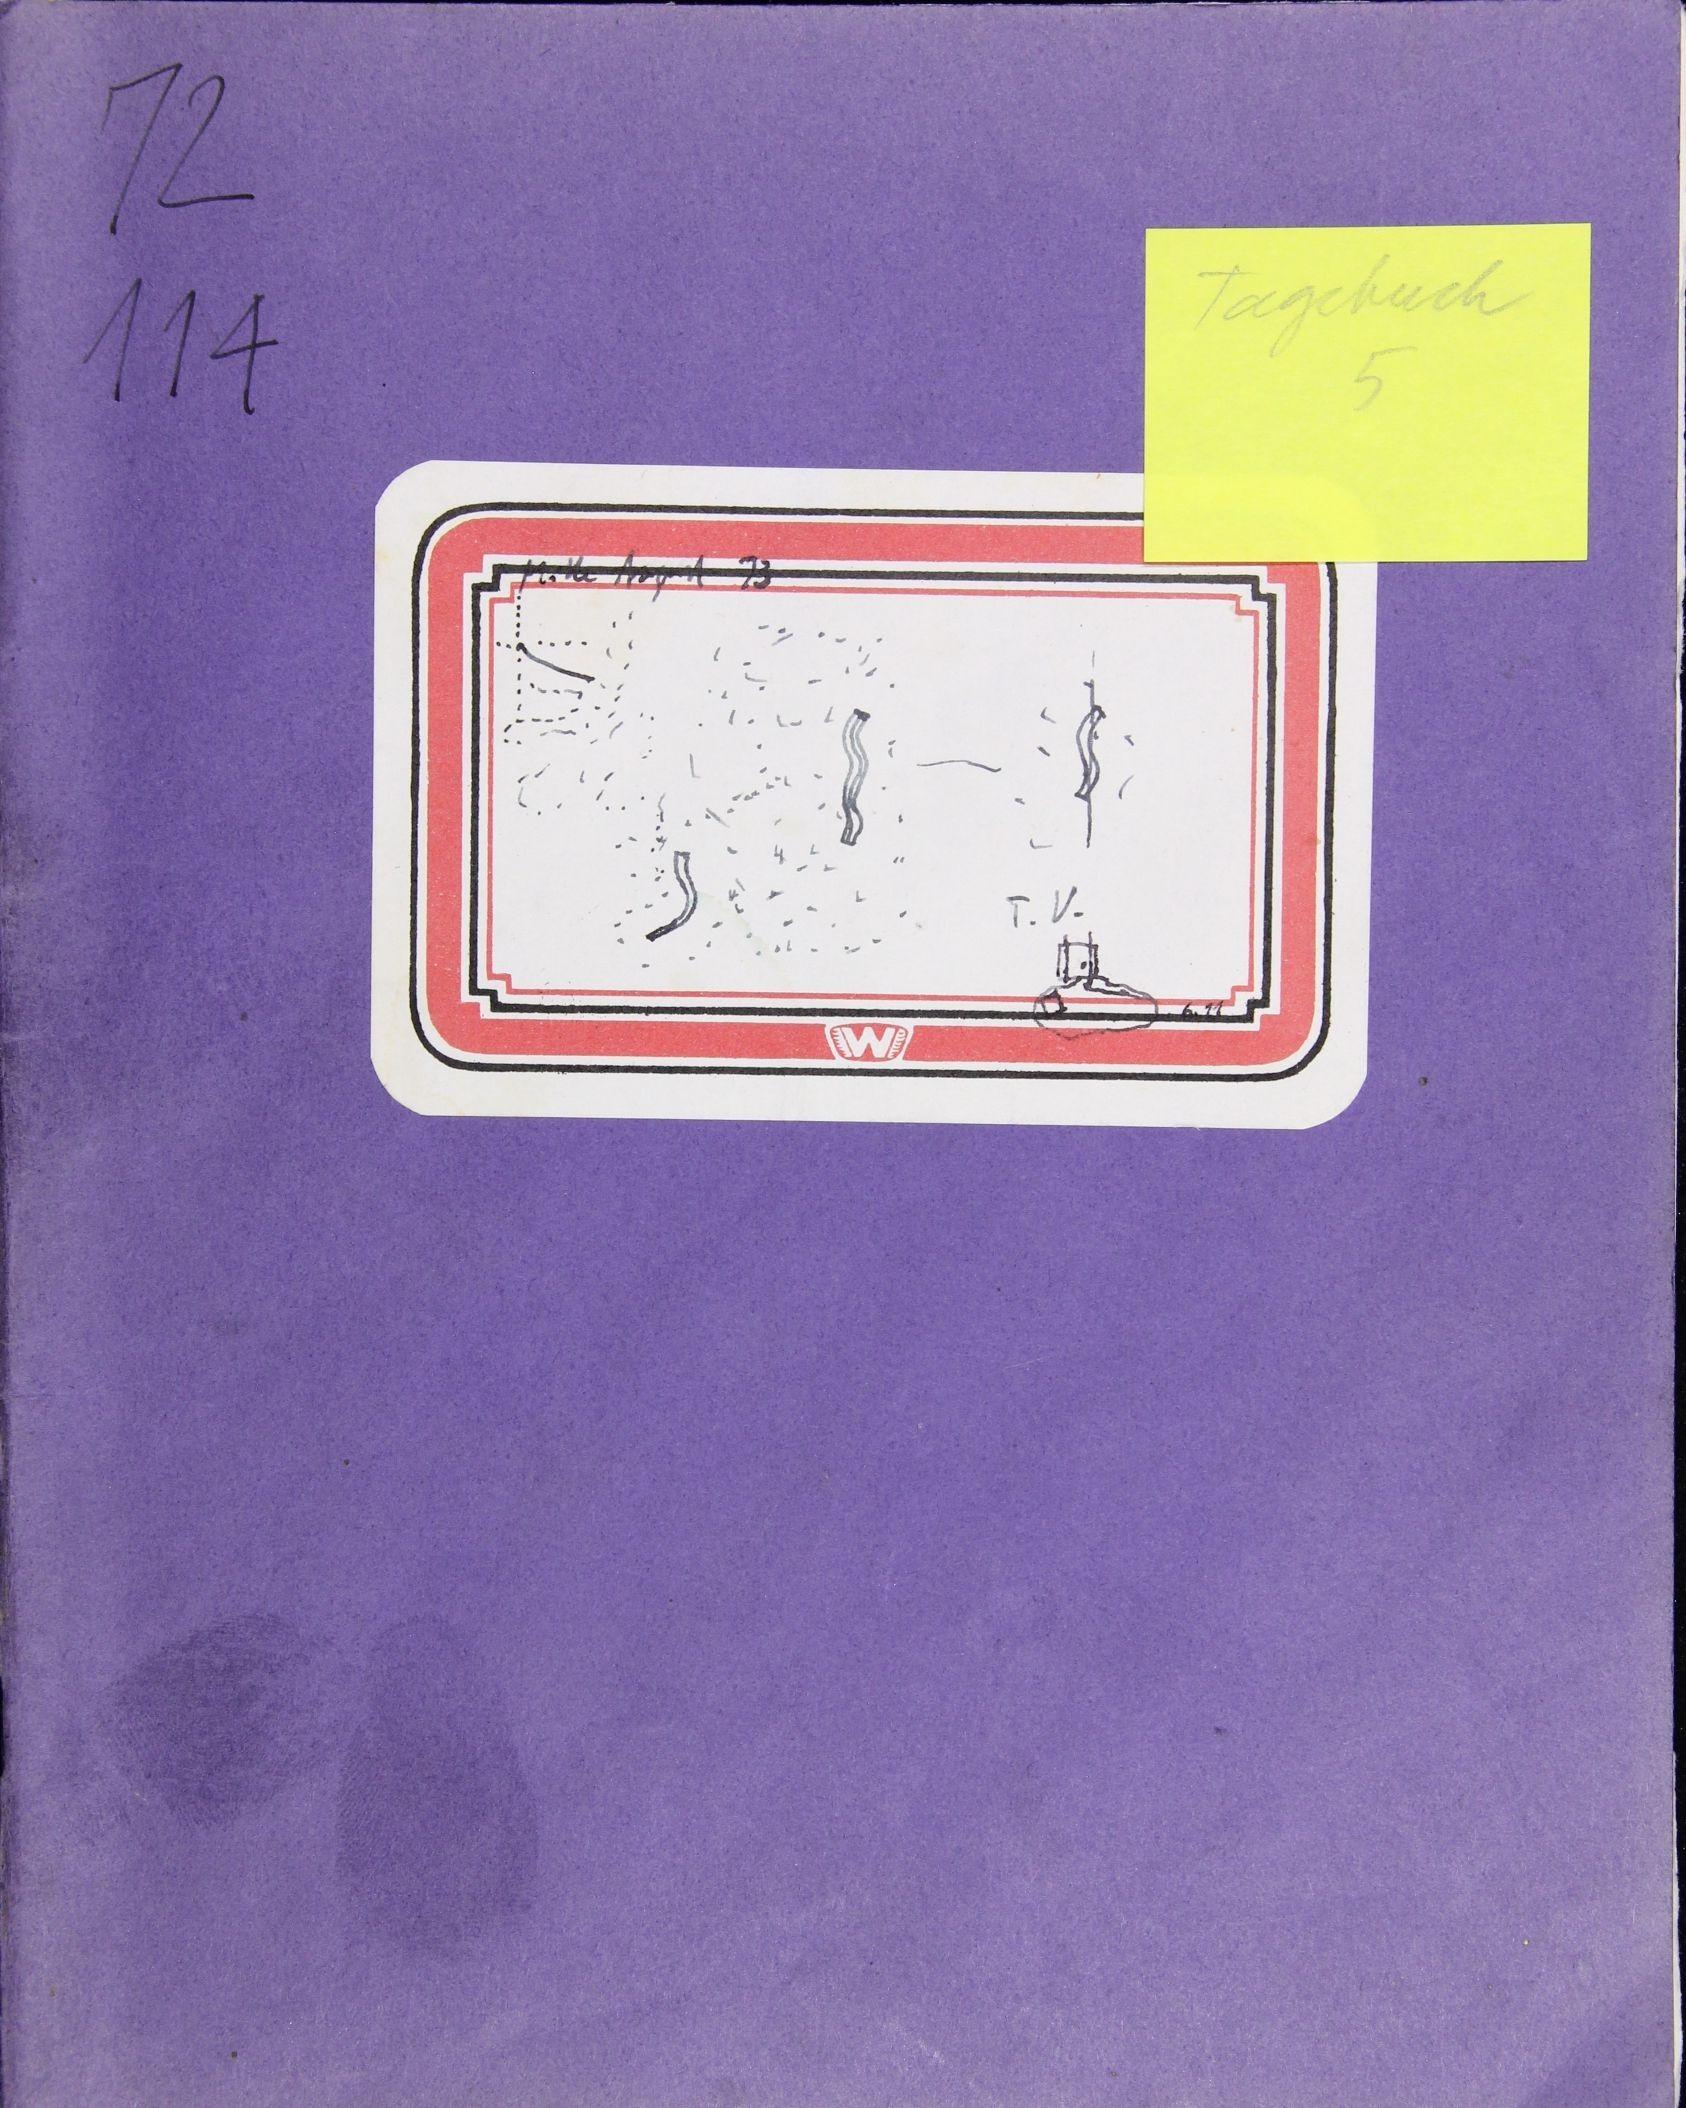 Notizbuch Hartmut Skerbisch (Inventarnr. 5) von Hartmut Skerbisch